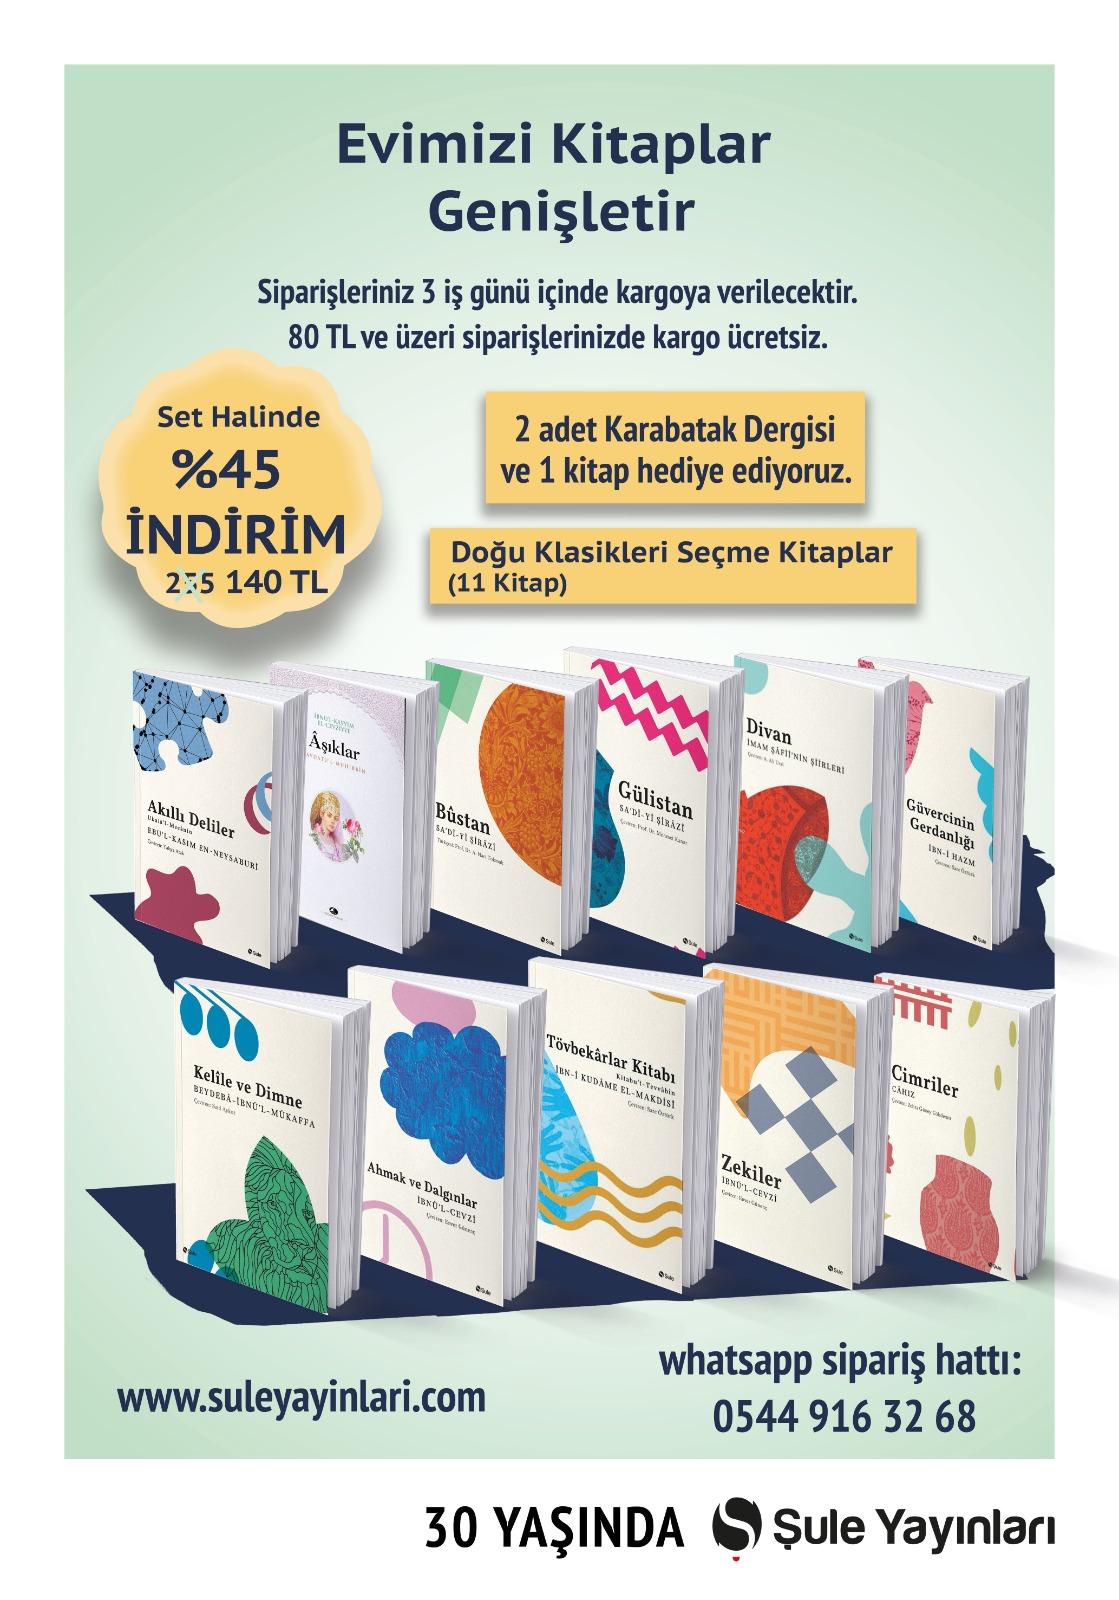 Doğu Klasikleri Seçme Kitaplar (11 Kitap)